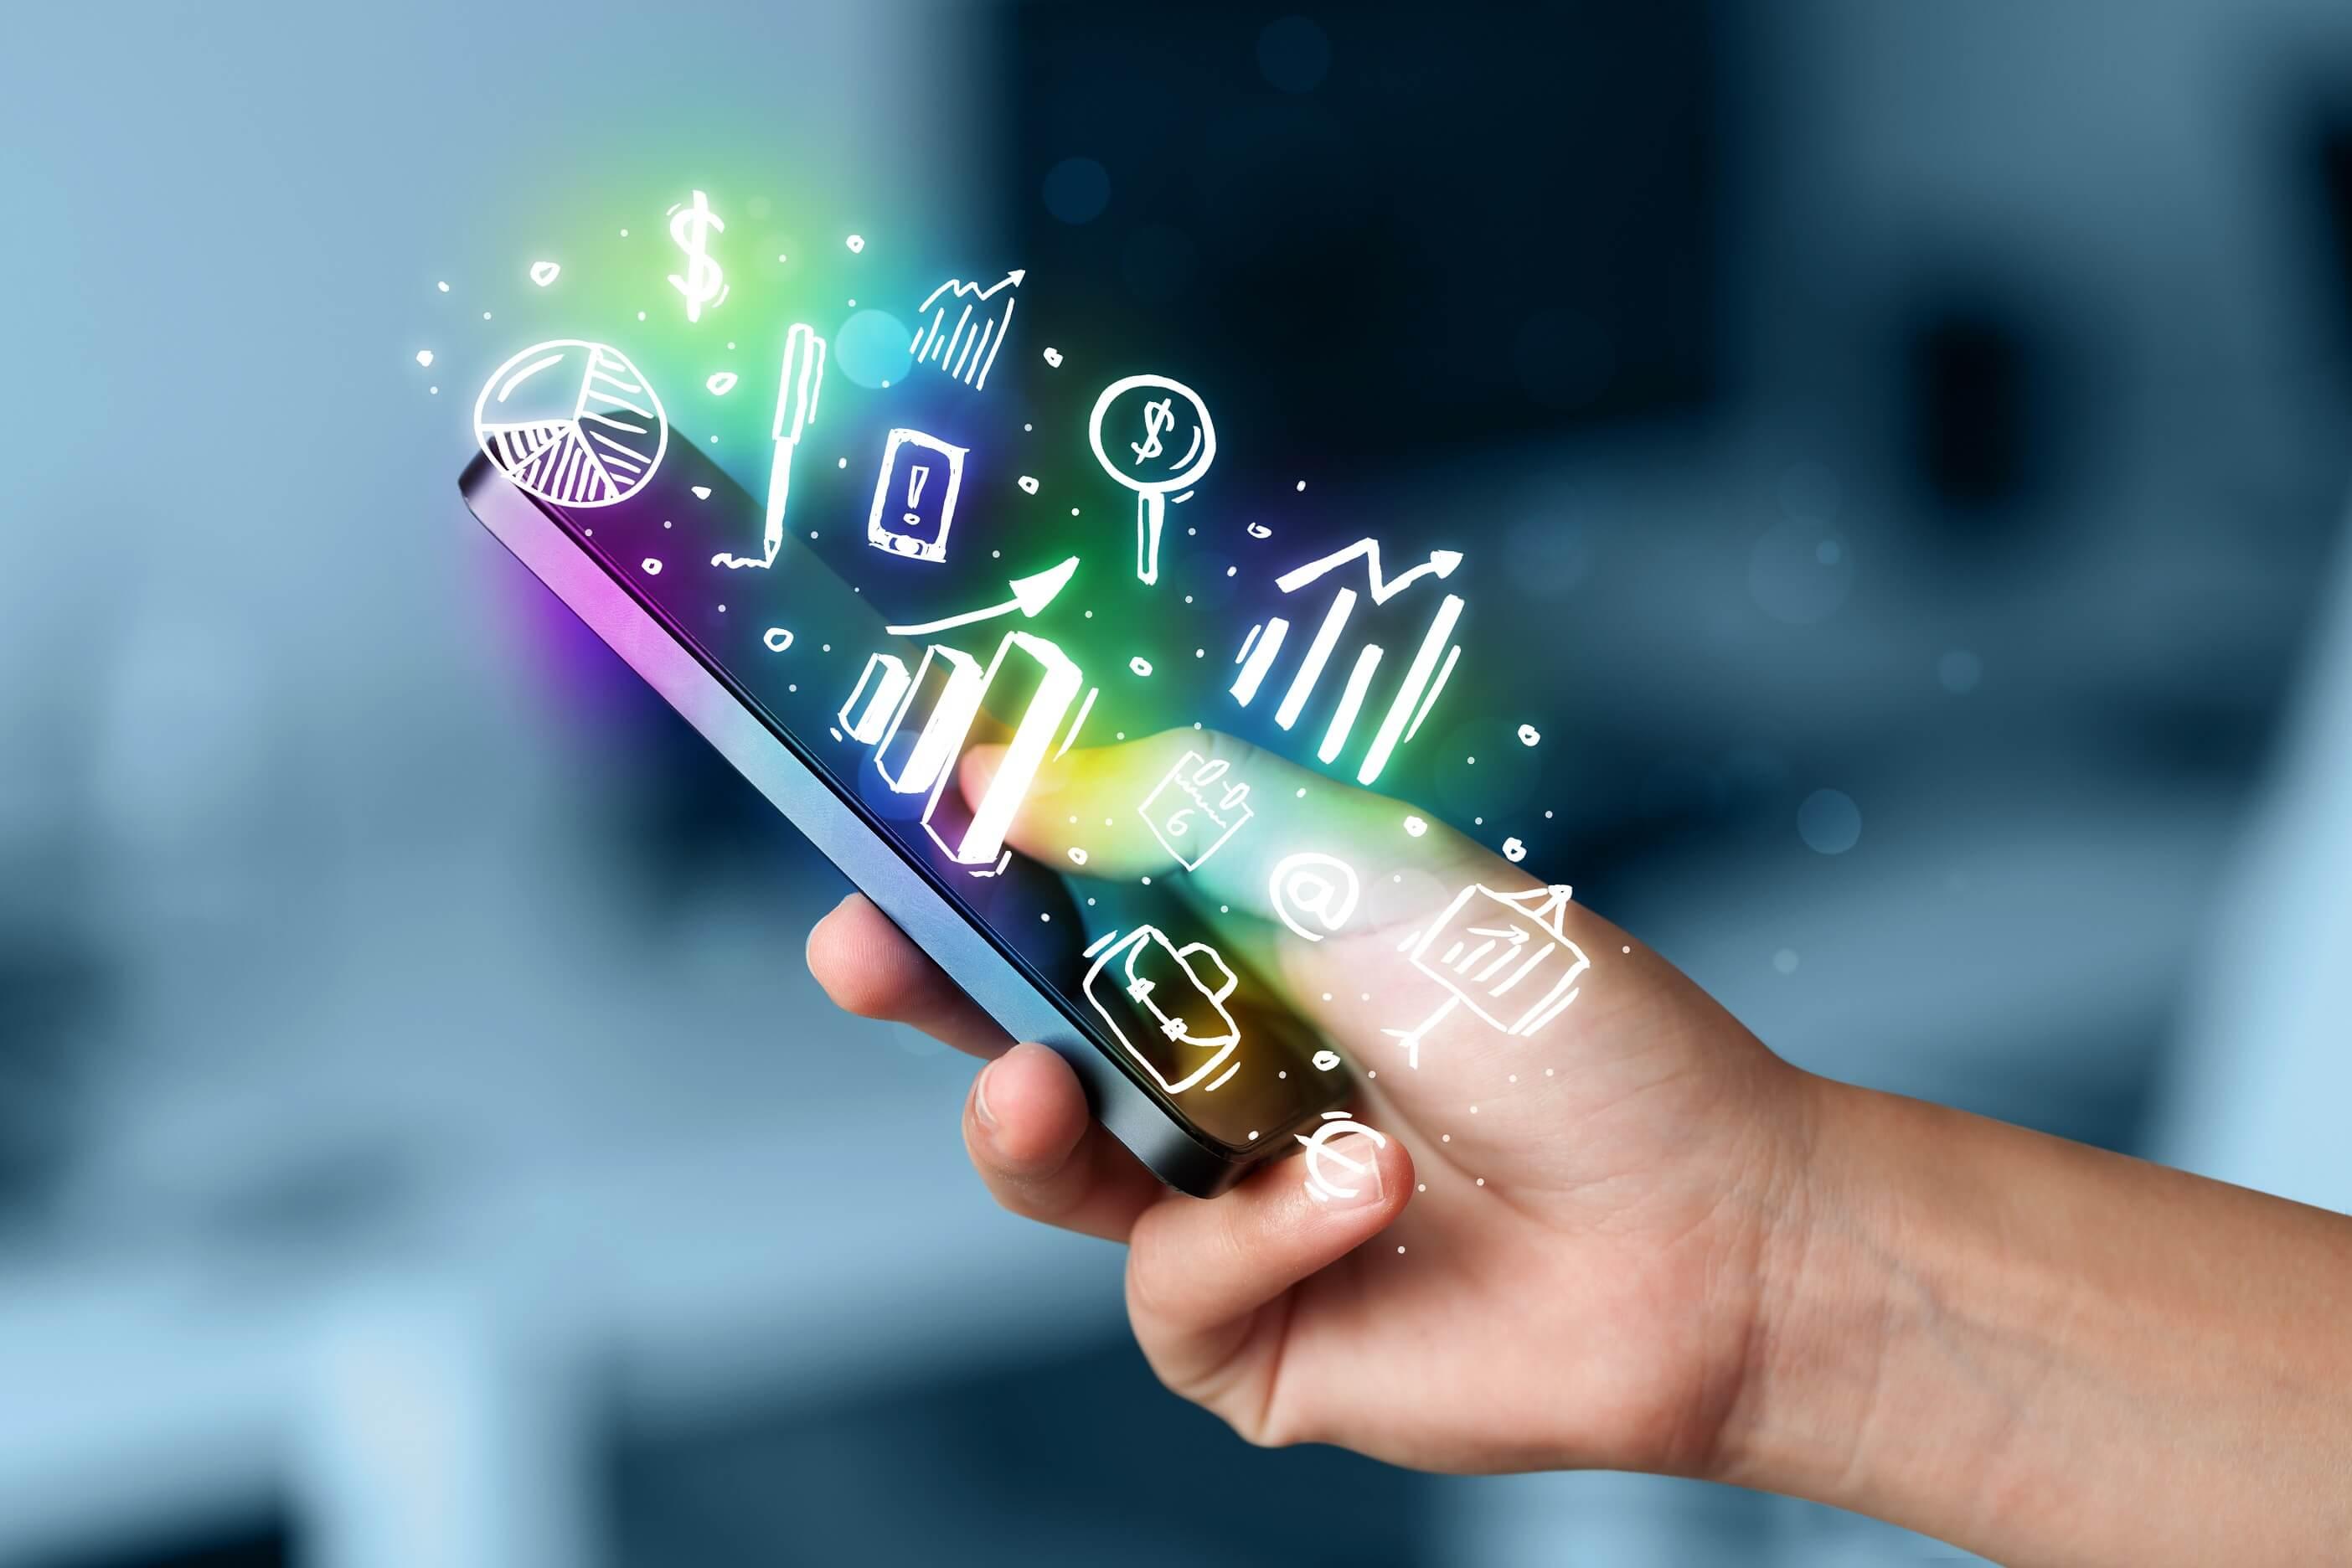 Топ-15 самых популярных приложений для смартфонов